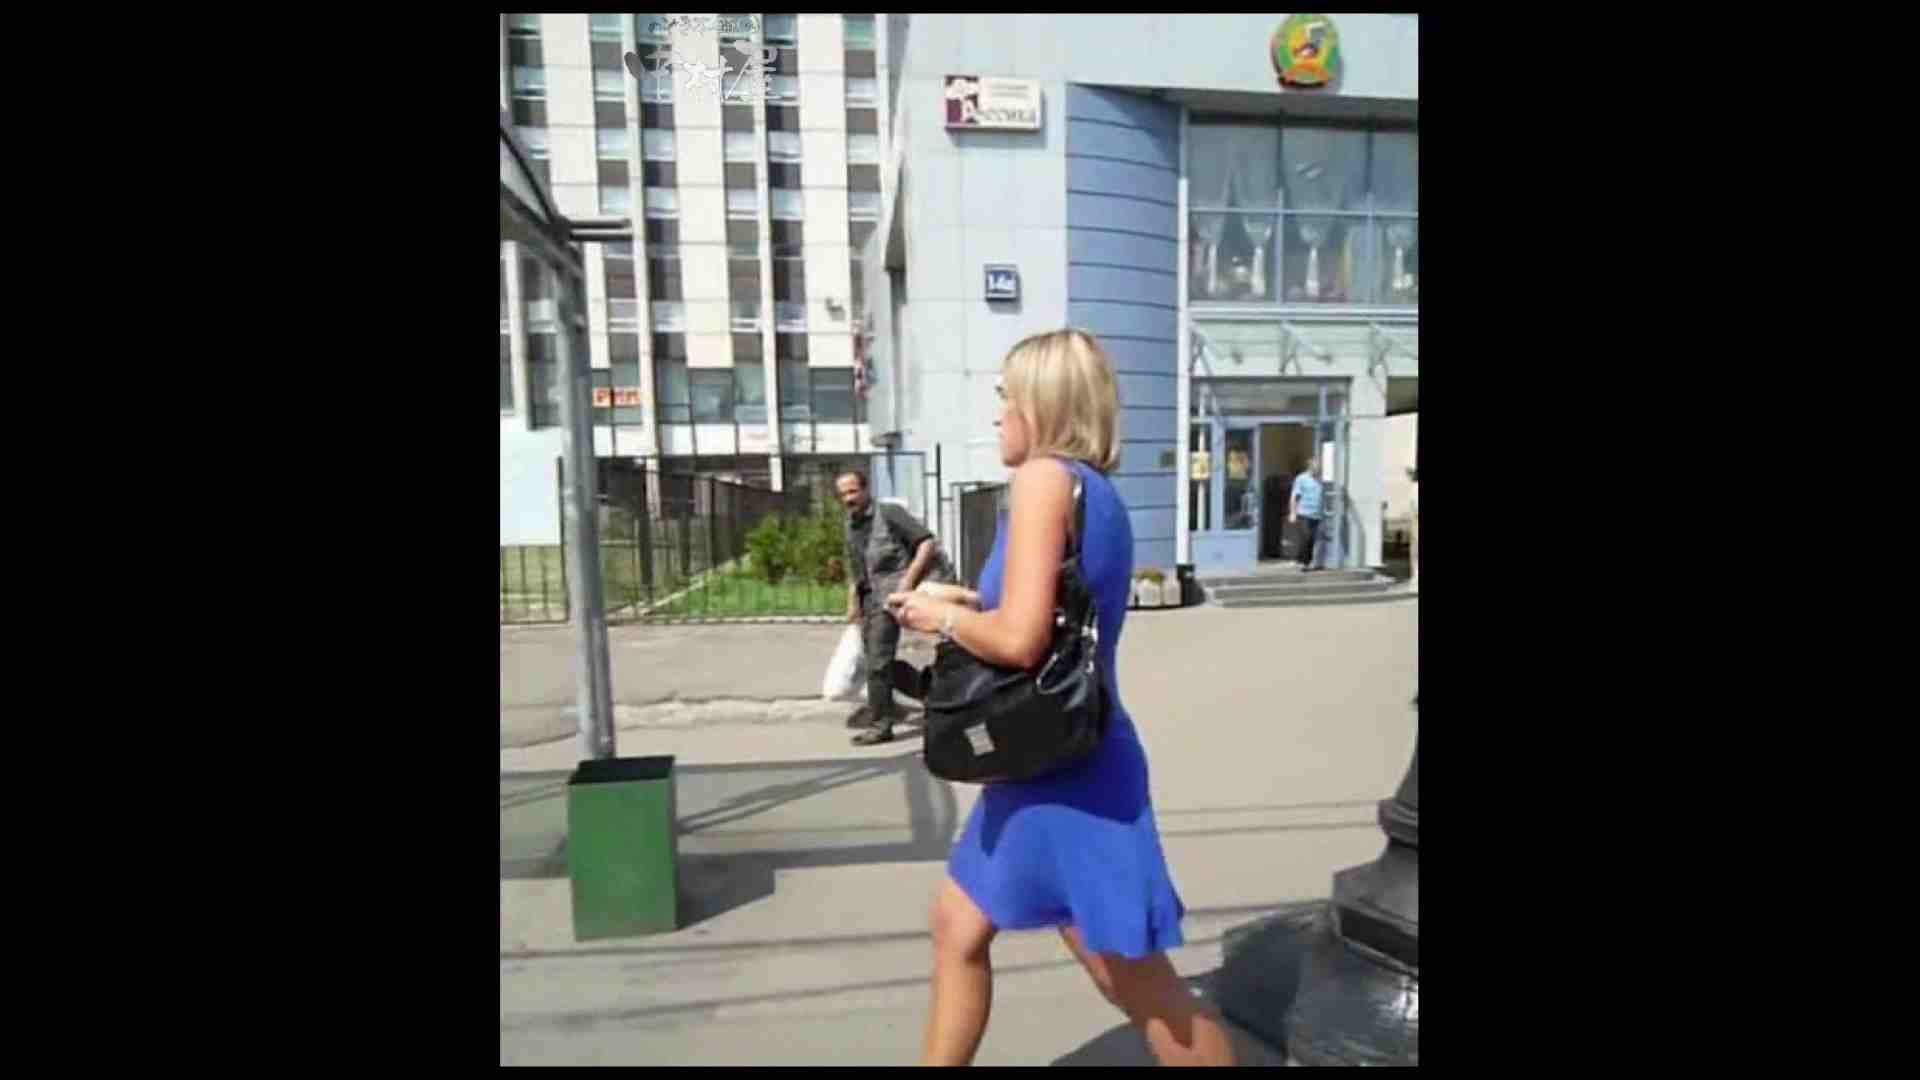 綺麗なモデルさんのスカート捲っちゃおう‼ vol29 お姉さんのエロ生活 ワレメ動画紹介 83連発 14